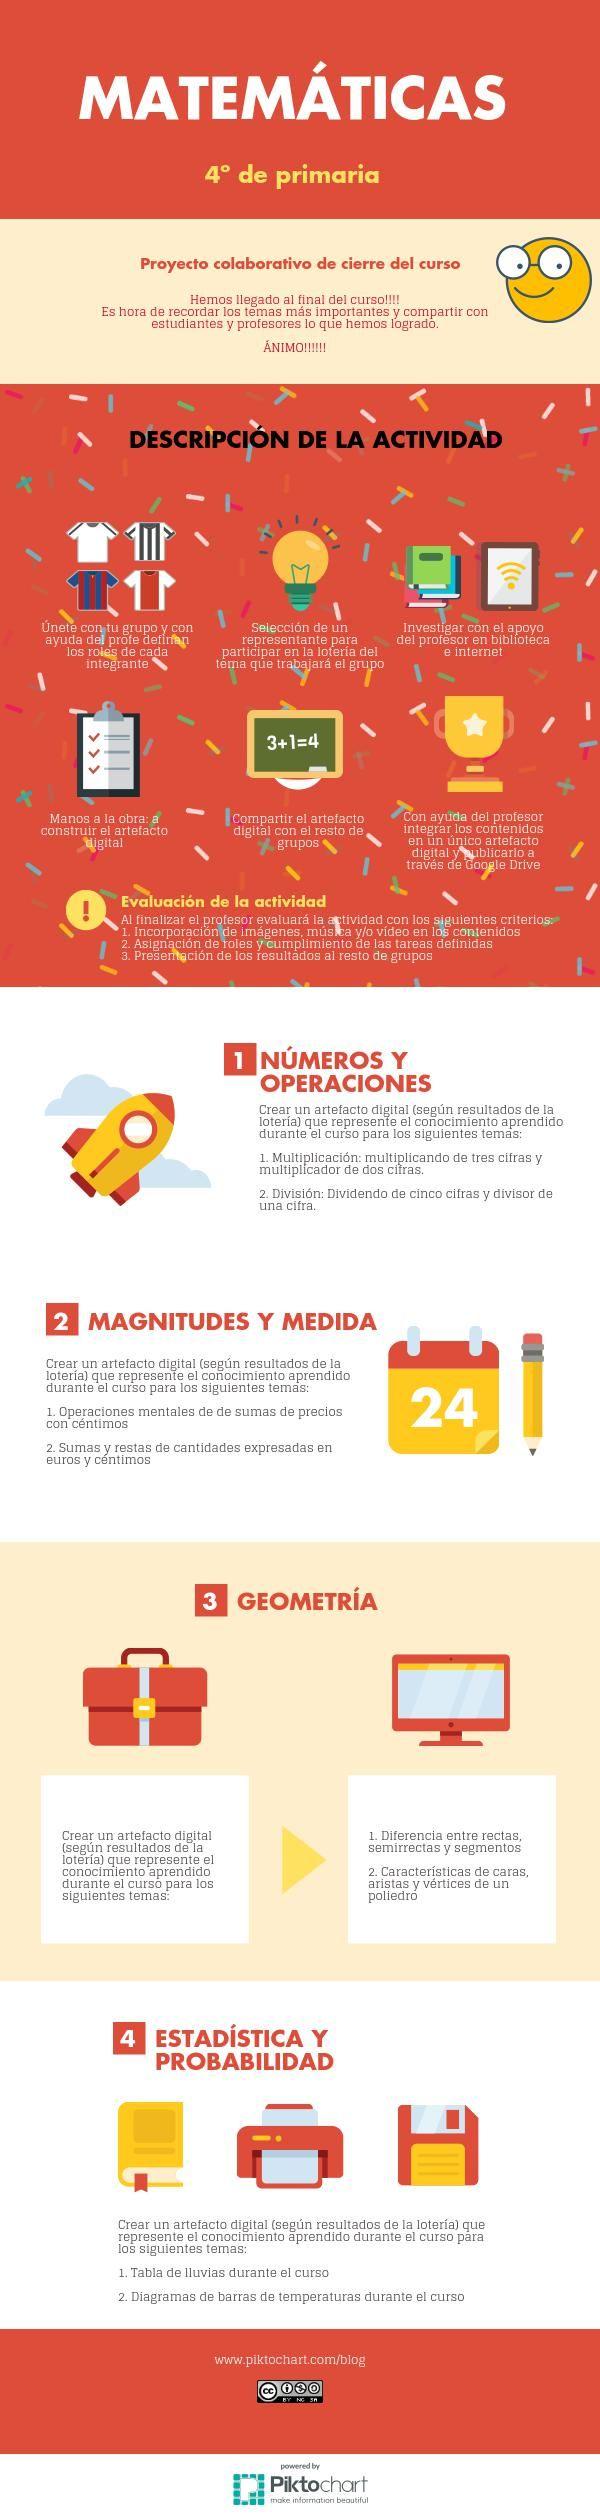 Felix Moreno Moreno (Grupo C). Matemáticas, 4º de Primaria. Proyecto colaborativo que anima a su alumnado a repasar diferentes temas mediante la creación de artefactos digitales :D